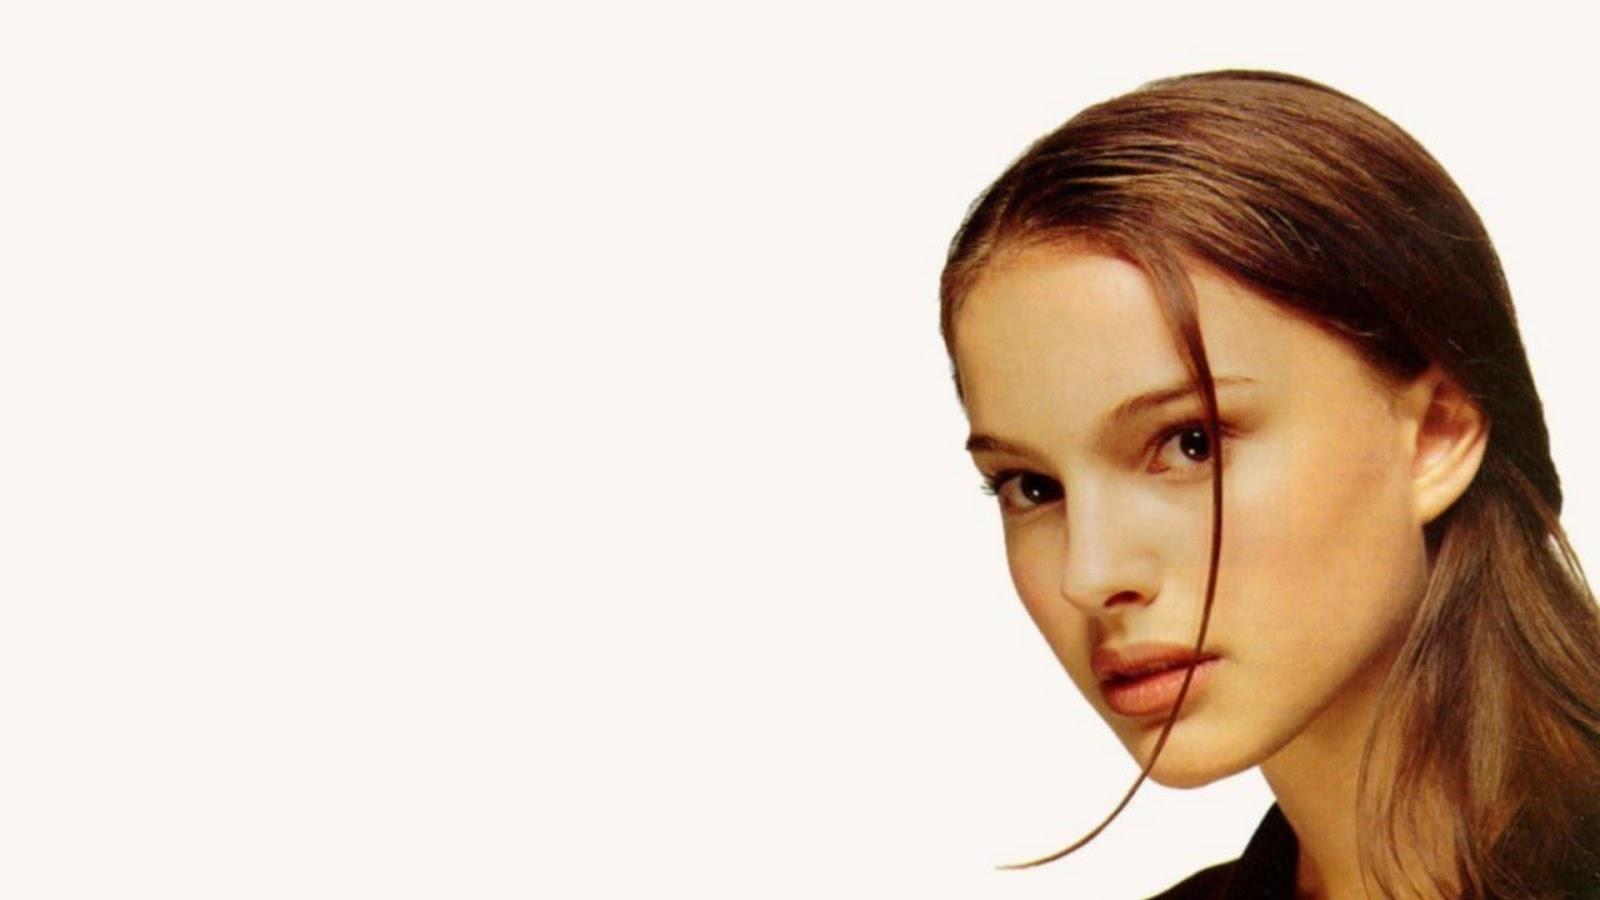 Wallpaper Natalie Portman Hd 4k Celebrities 8565: [74+] Natalie Portman Wallpapers On WallpaperSafari